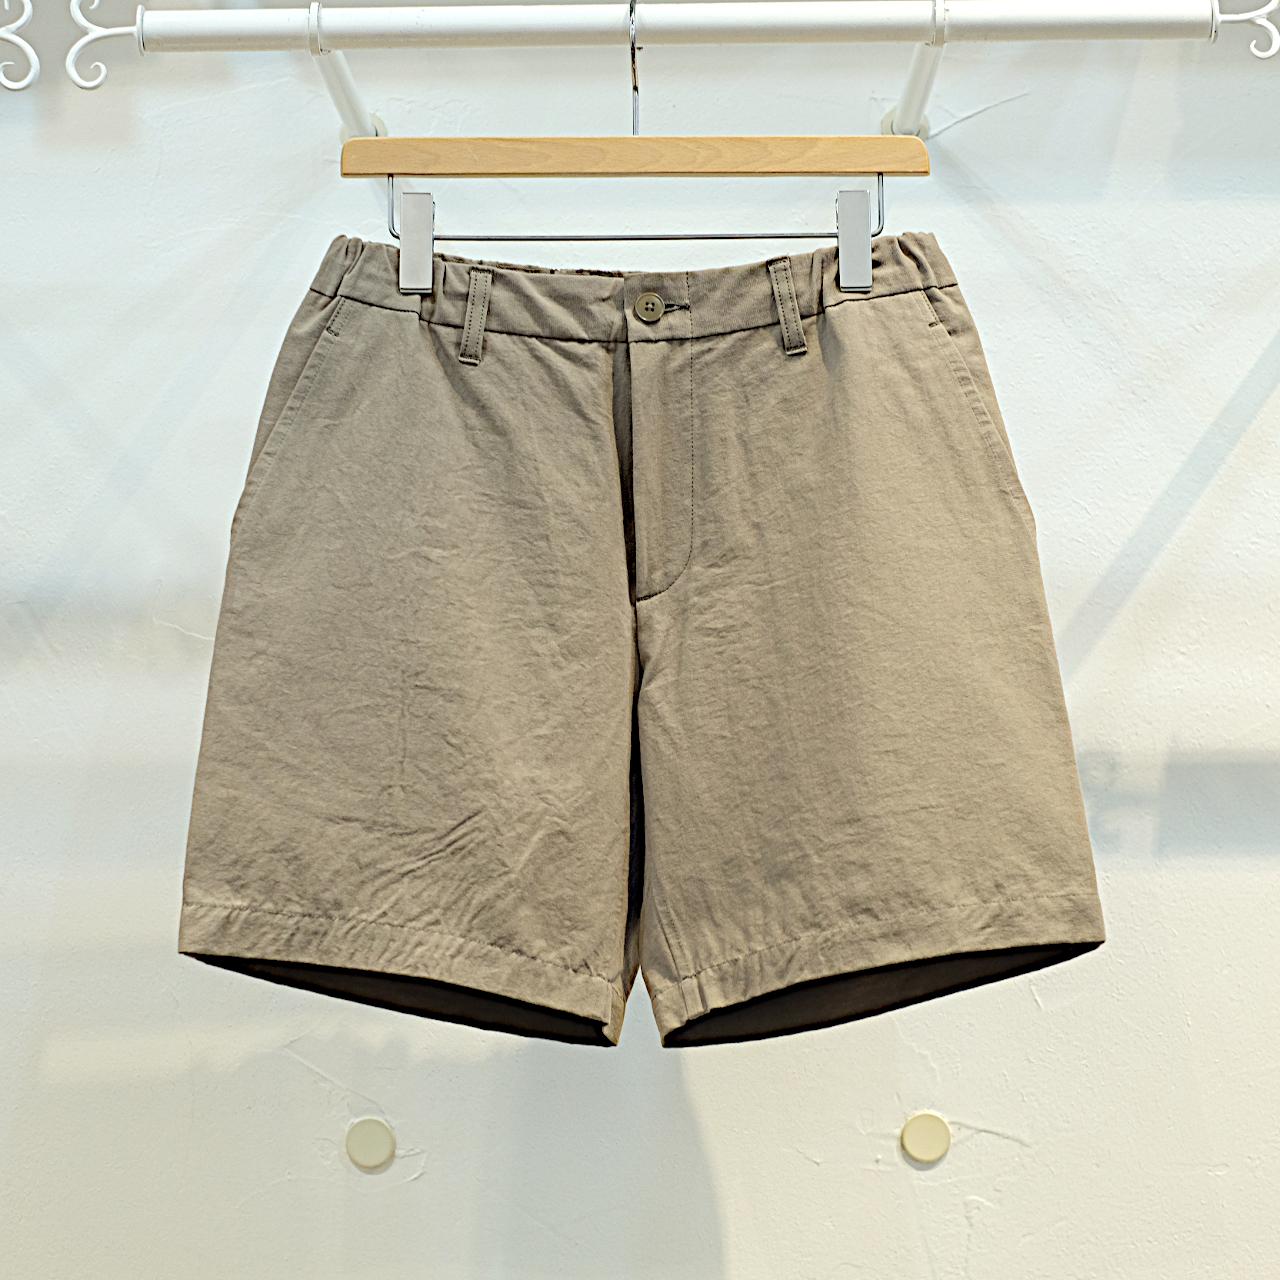 KUON(クオン) 綿和紙 イージーショートパンツ